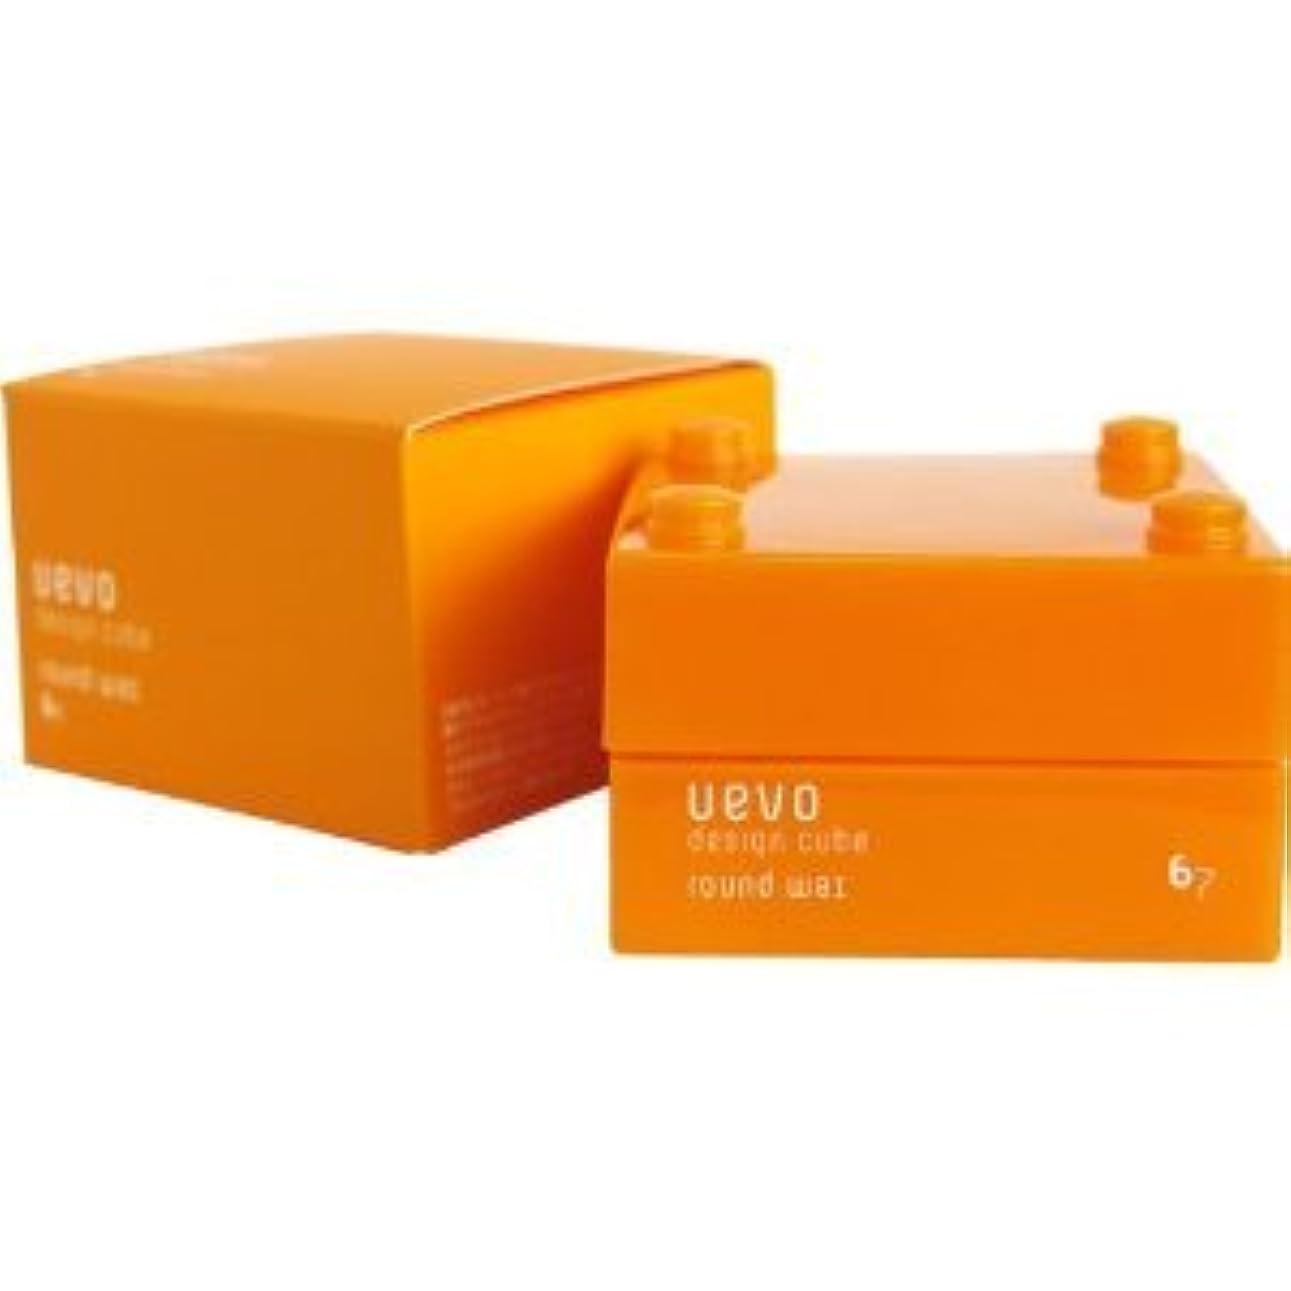 アンケート工場意外【X2個セット】 デミ ウェーボ デザインキューブ ラウンドワックス 30g round wax DEMI uevo design cube